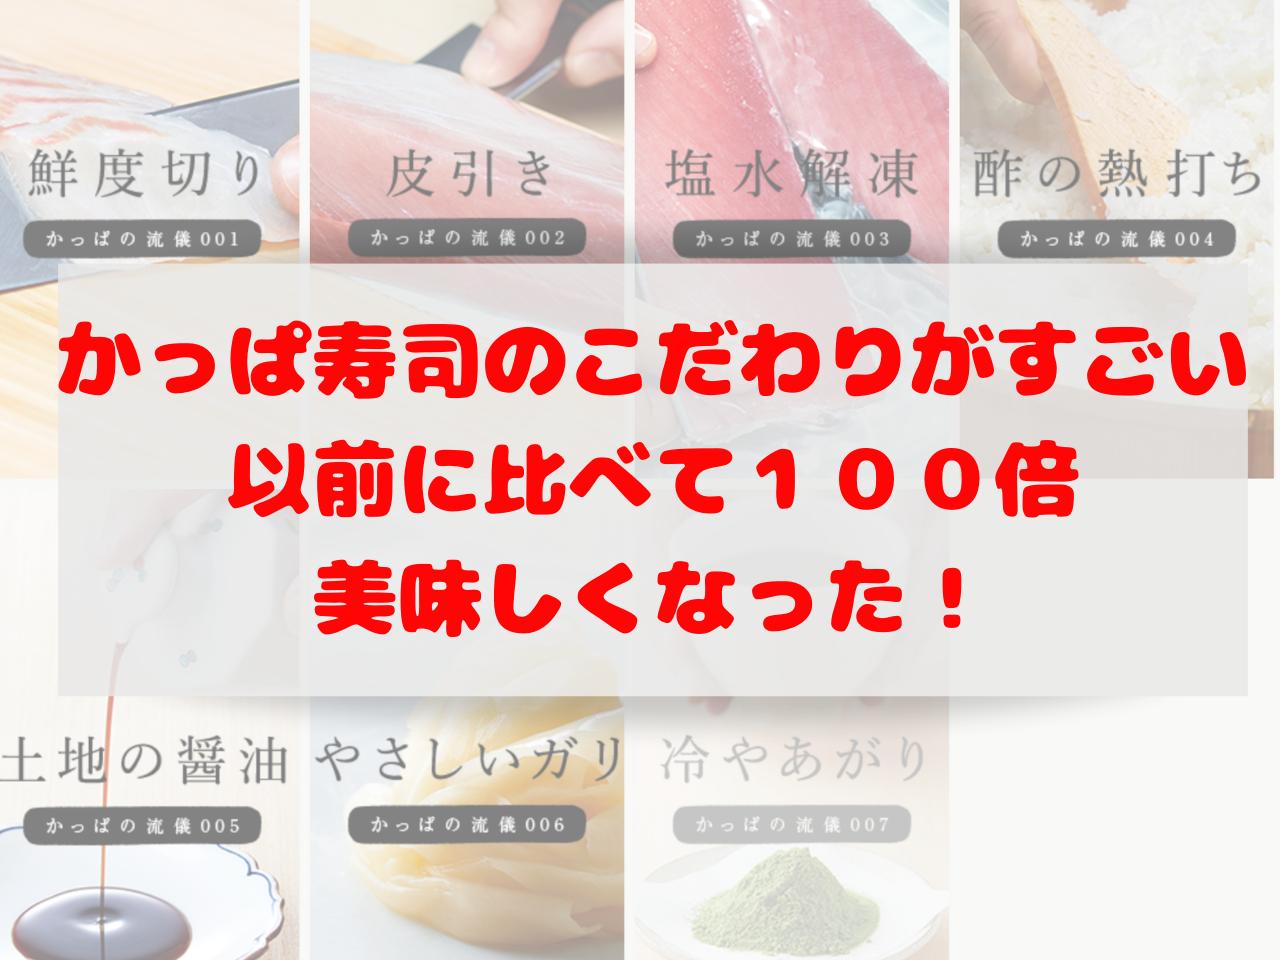 かっぱ寿司が美味しくなって最近のマイブームになっている件について